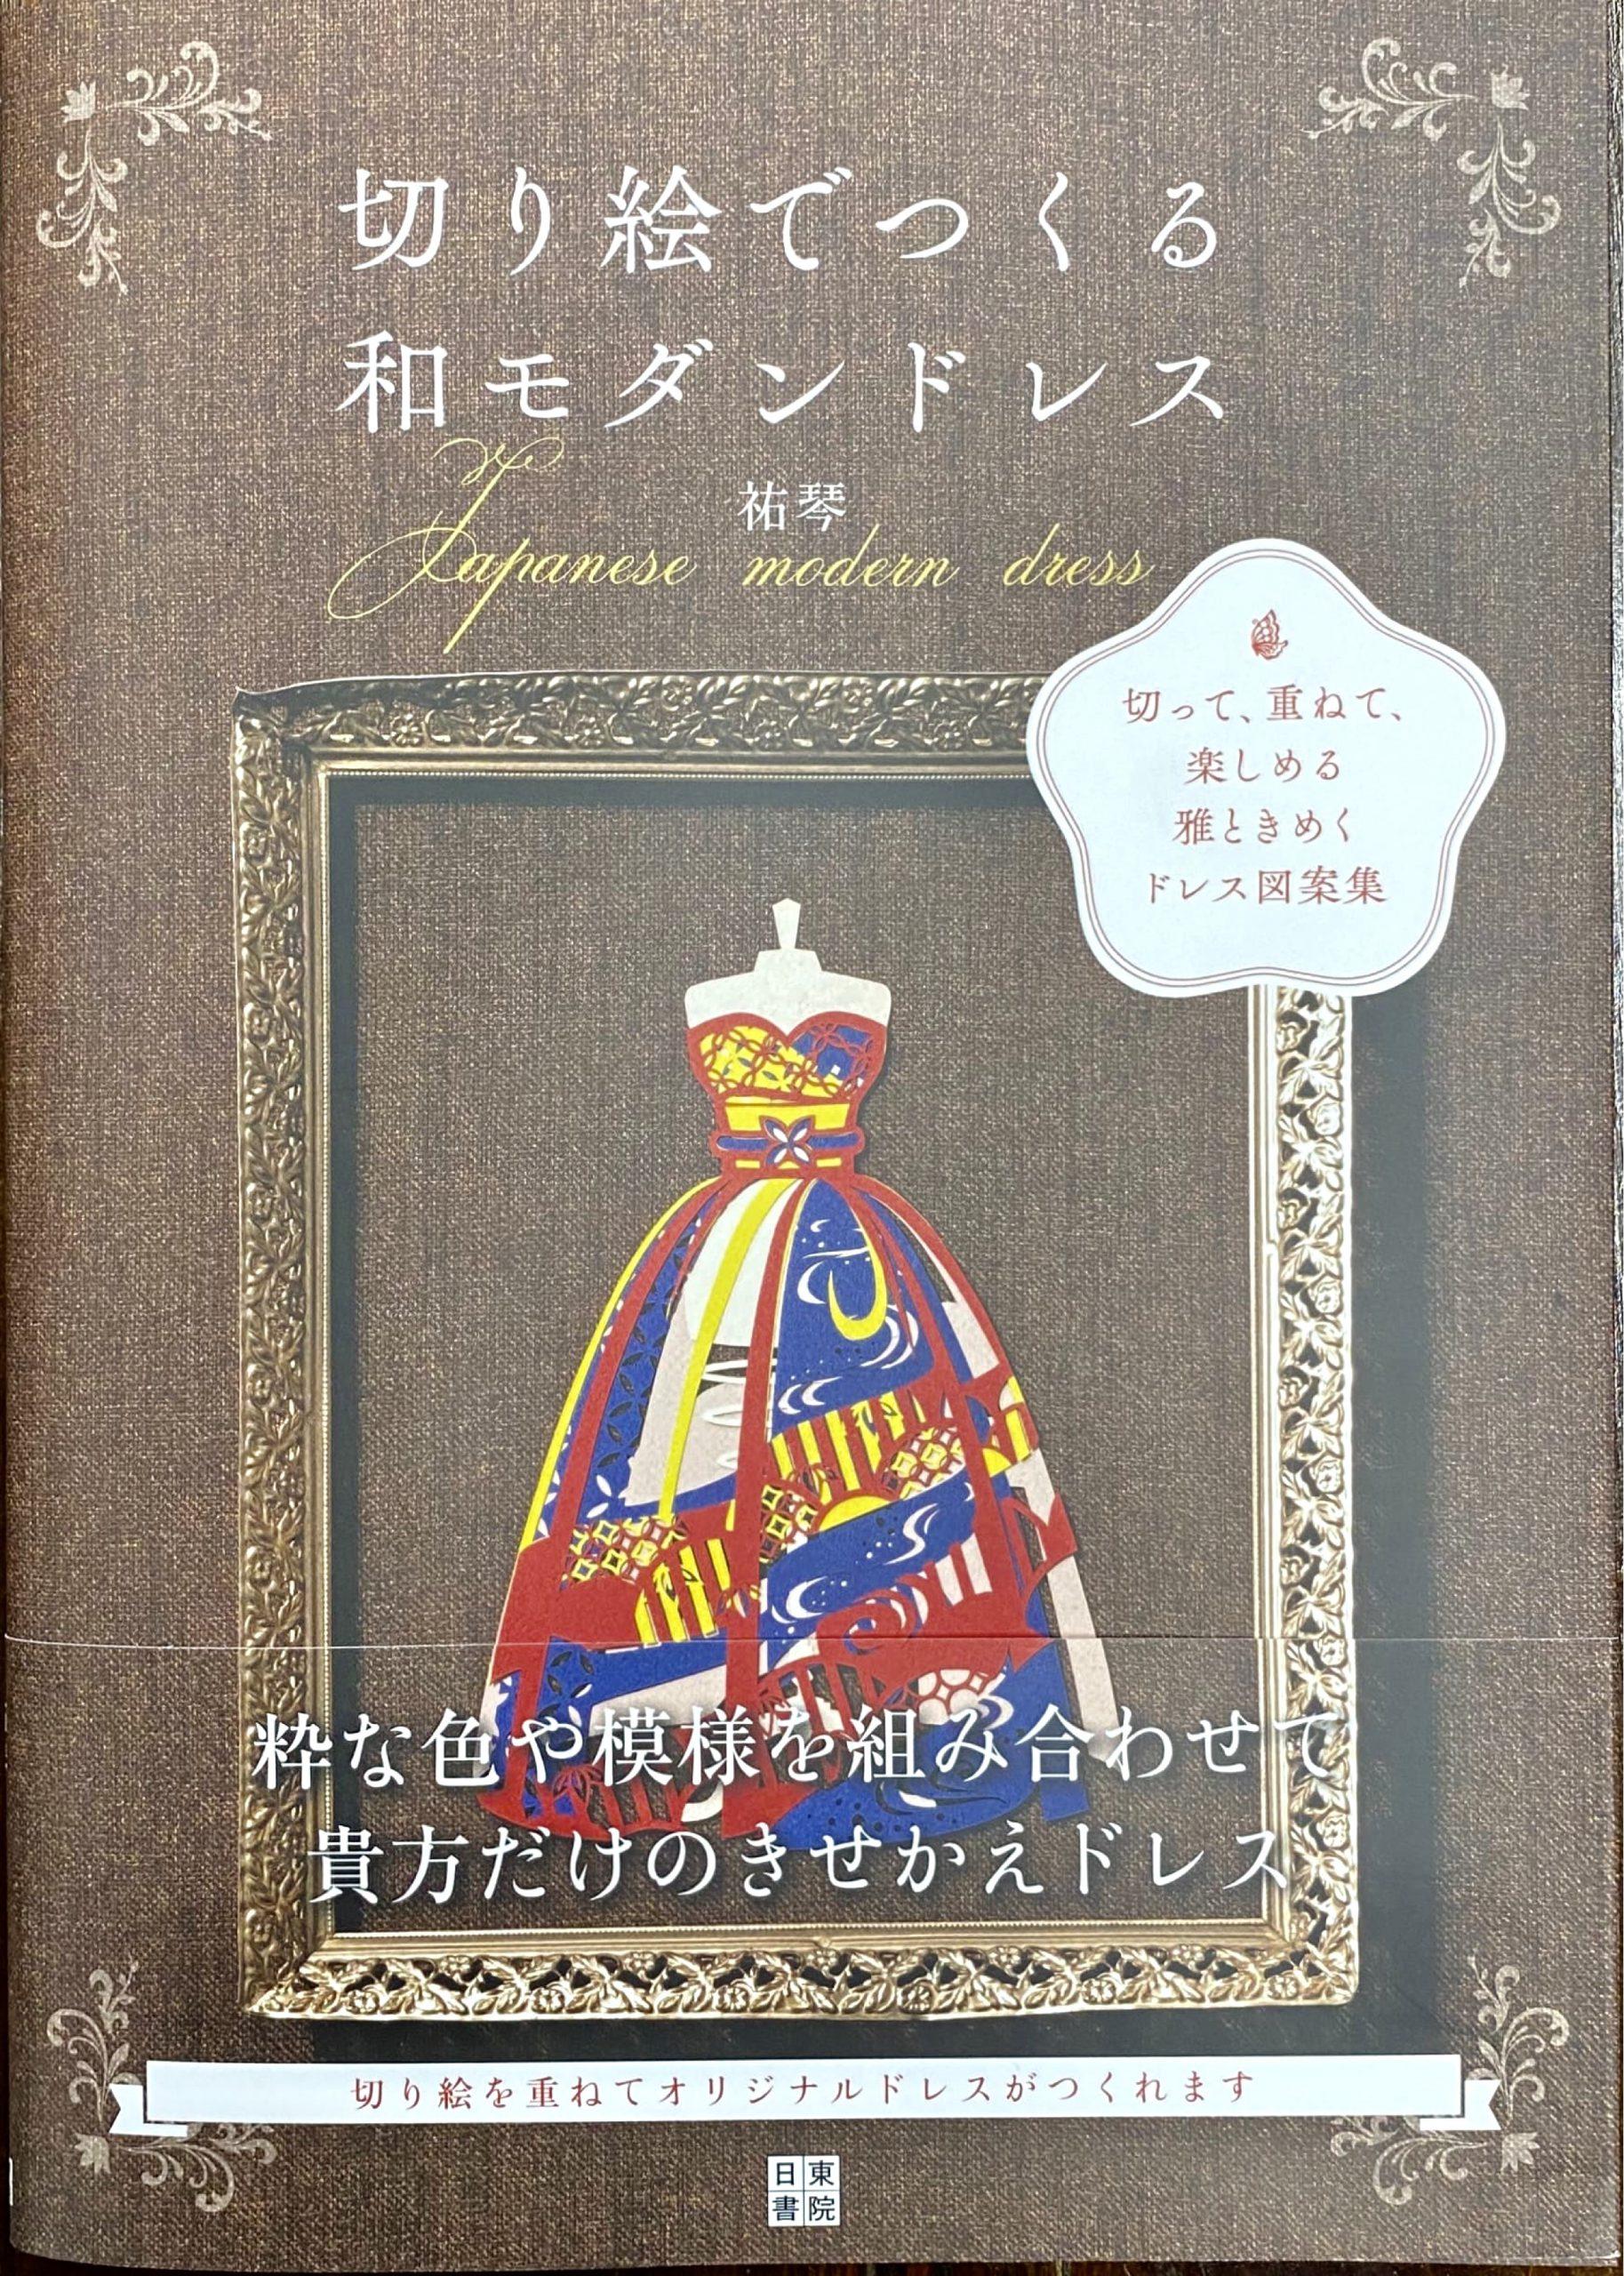 文田信基が『切り絵でつくる和モダンドレス』の表紙と中ページを撮りおろしました